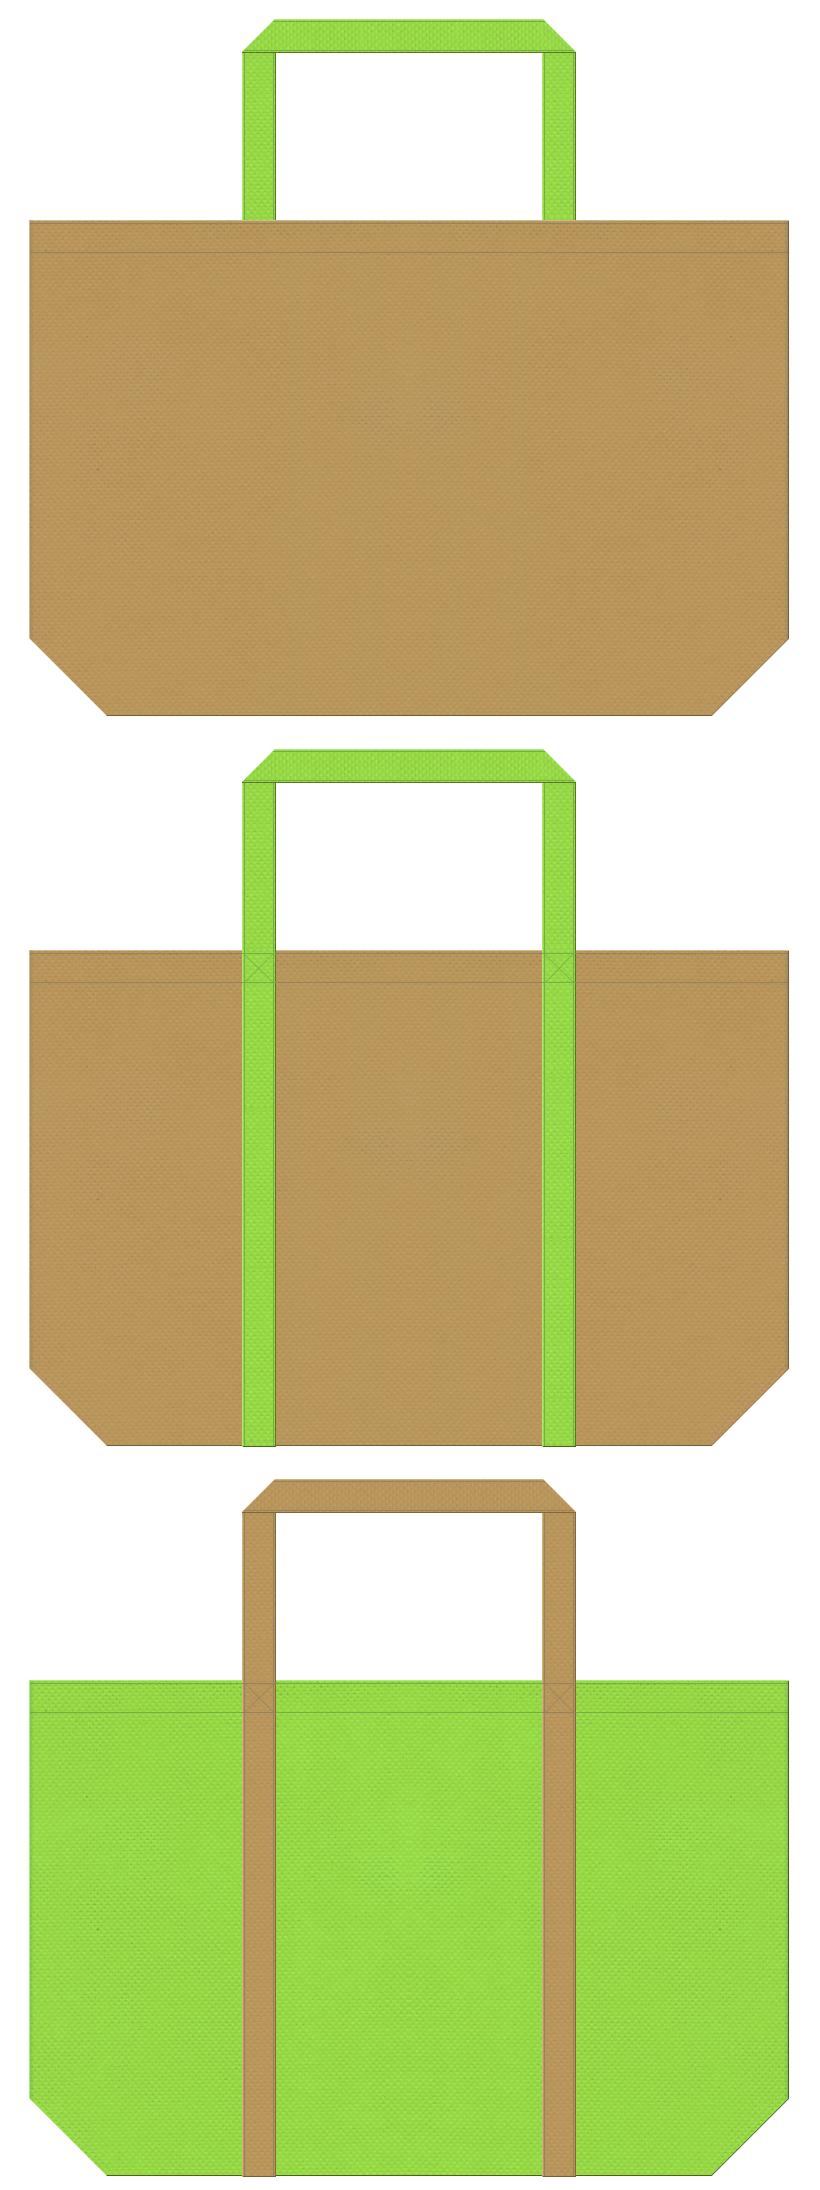 牧場・酪農・農業・肥料・種苗・園芸用品・DIY・キウイフルーツ・産直市場のショッピングバッグにお奨めの不織布バッグデザイン:金黄土色と黄緑色のコーデ